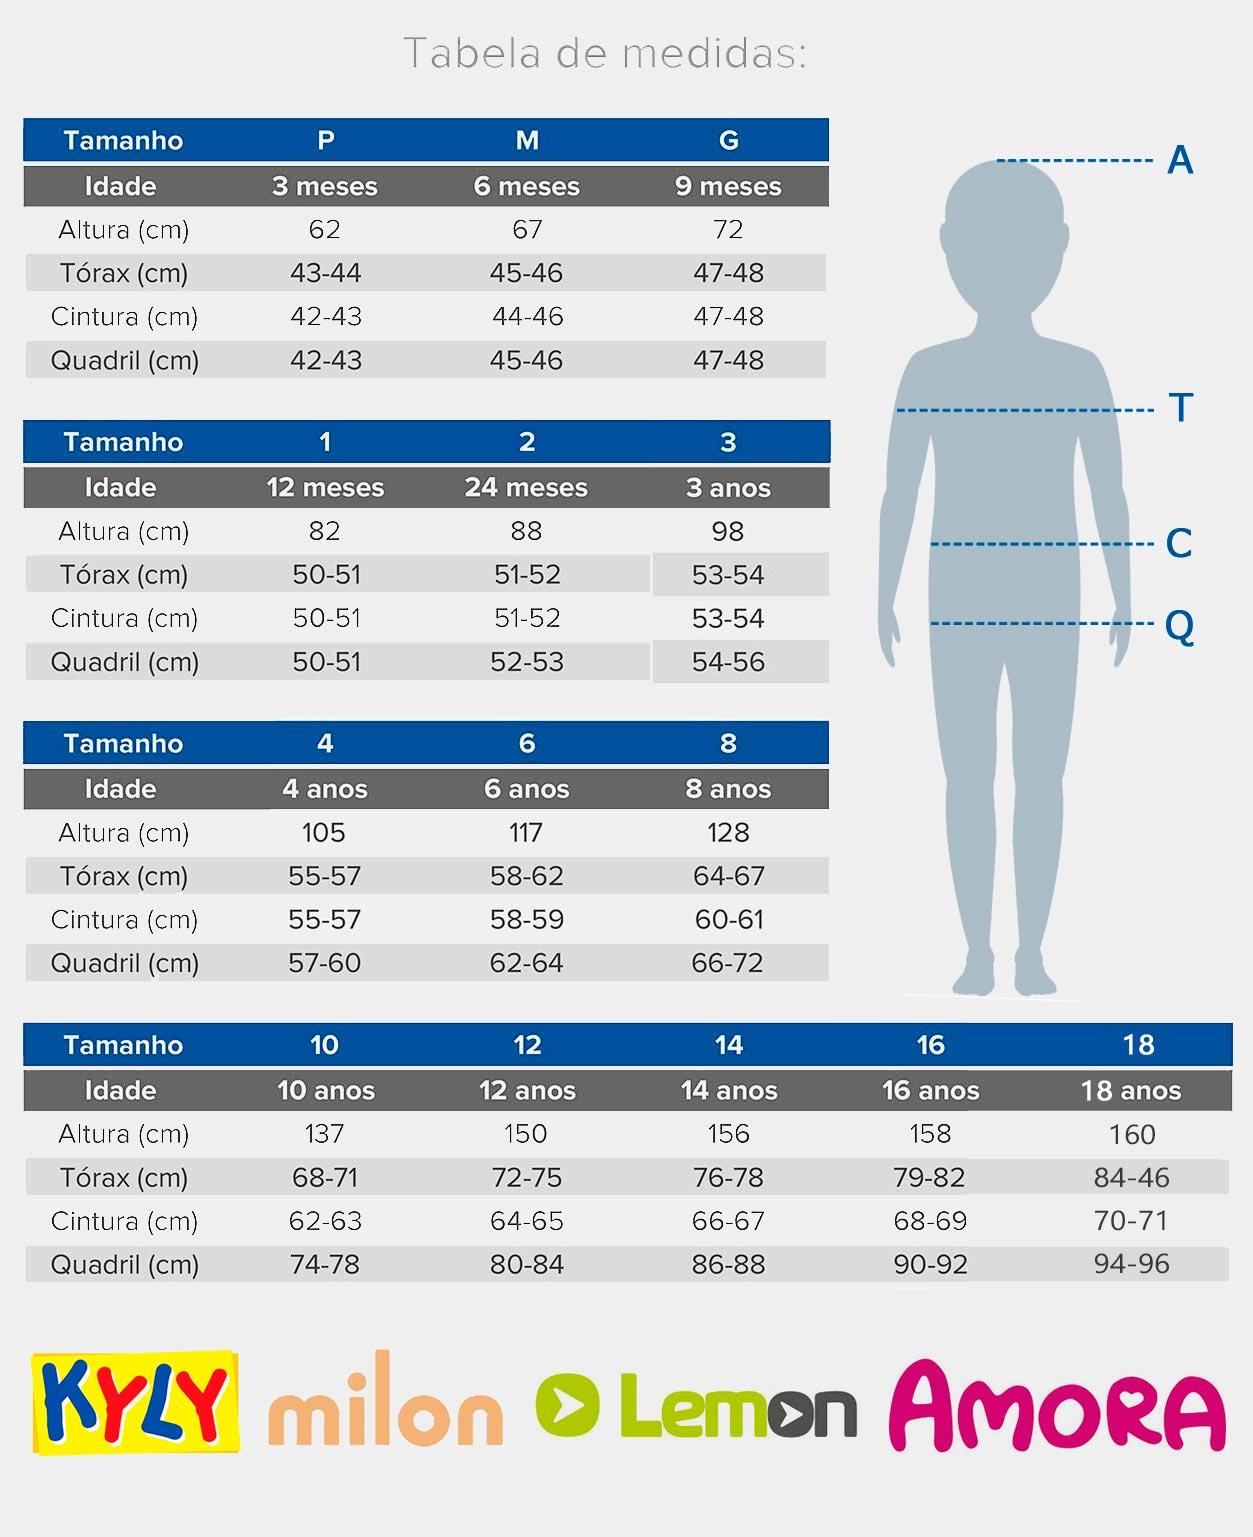 Conjunto Infantil Masculino Verão Marinho Street - Kyly: Tabela de medidas